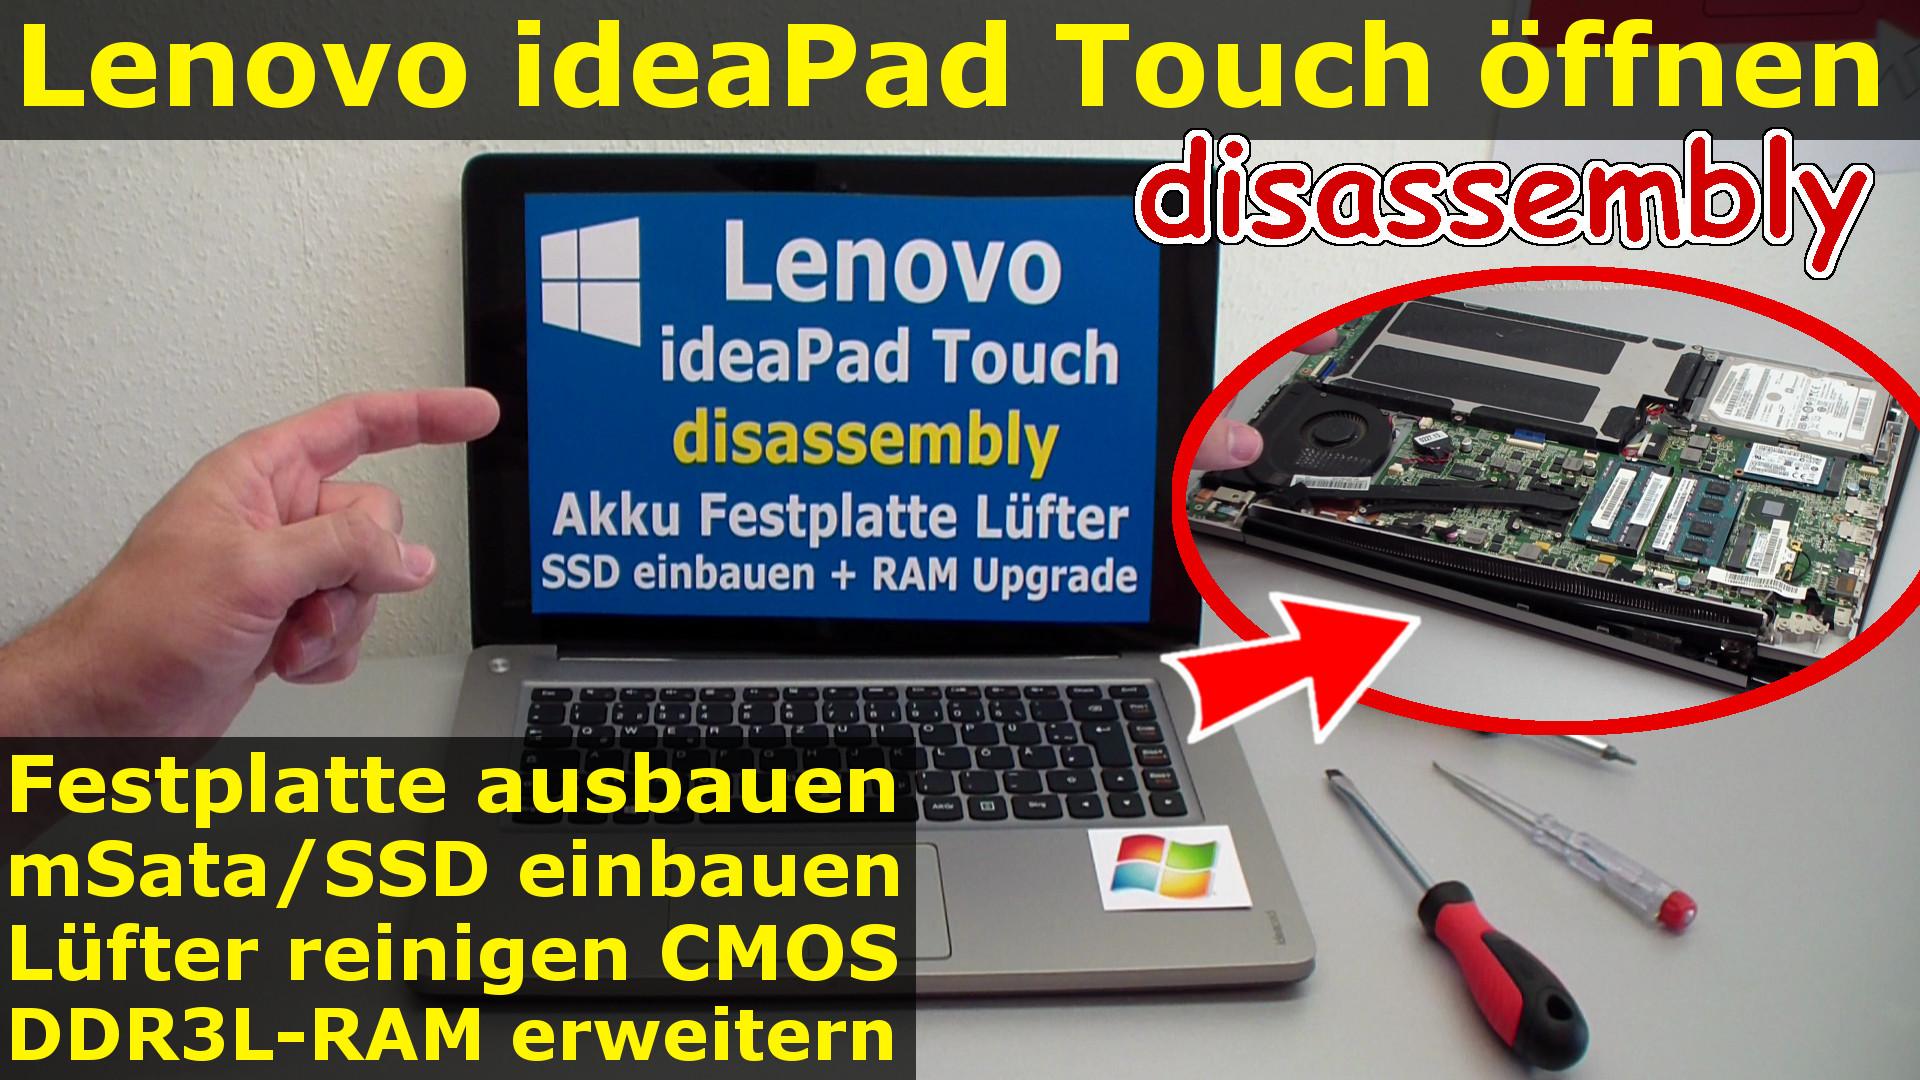 lenovo ideapad touch ffnen auseinanderbauen hdd ssd tauschen l fter ram upgrade u410. Black Bedroom Furniture Sets. Home Design Ideas